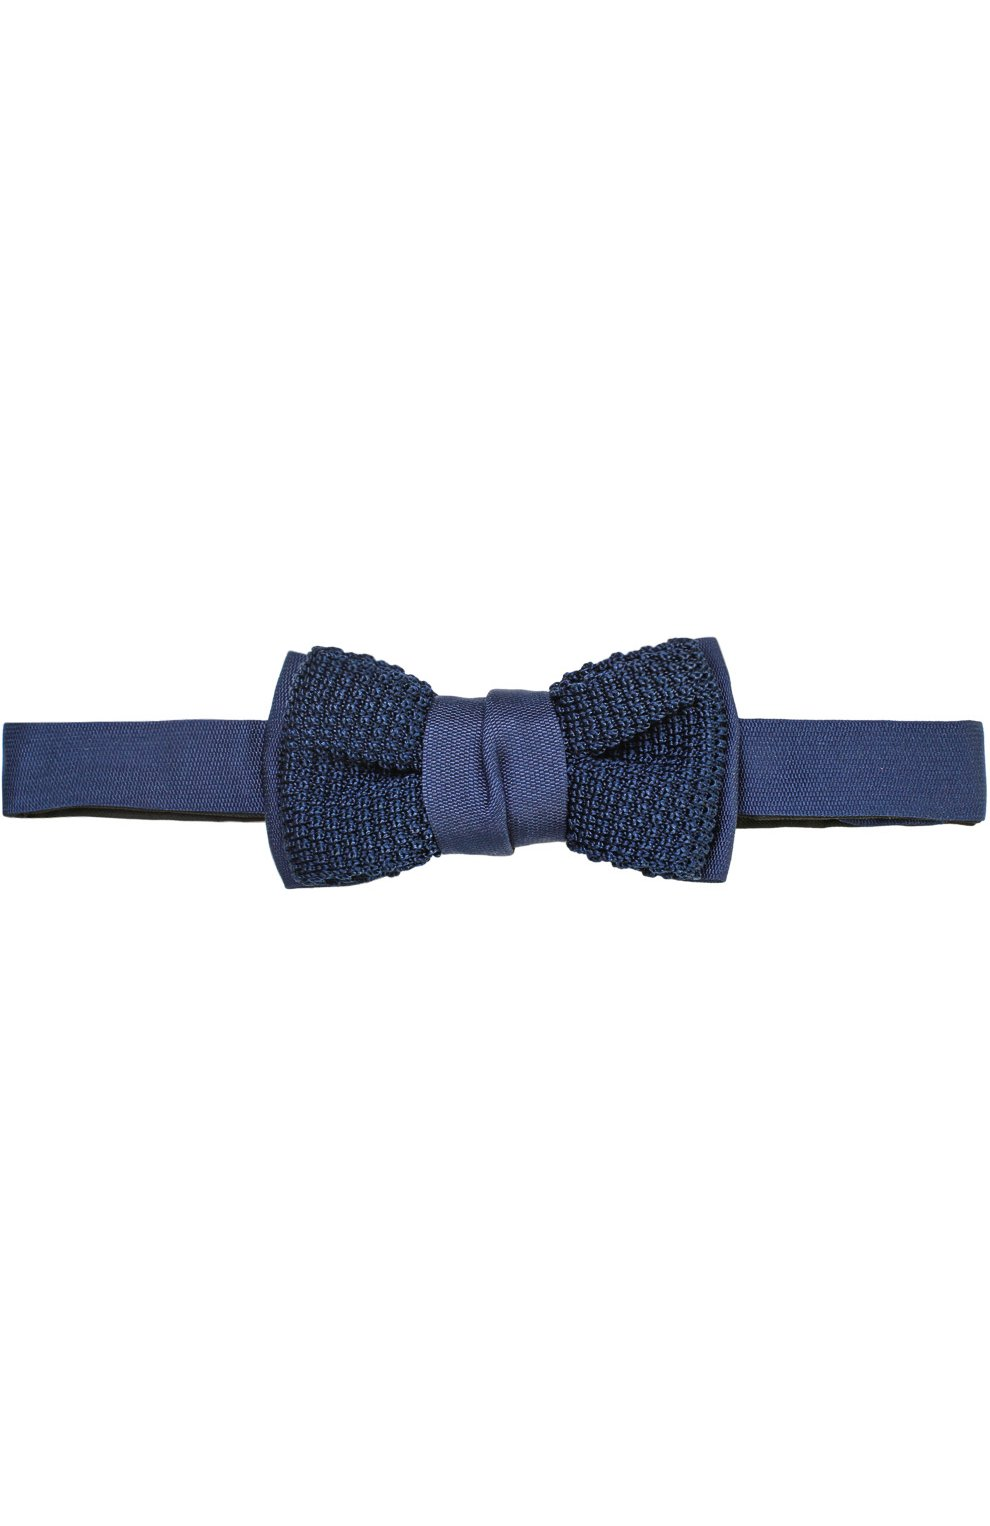 Мужской шелковый галстук-бабочка LANVIN темно-синего цвета, арт. 1993/B0W TIE   Фото 1 (Материал: Текстиль, Шелк; Статус проверки: Проверено, Проверена категория)